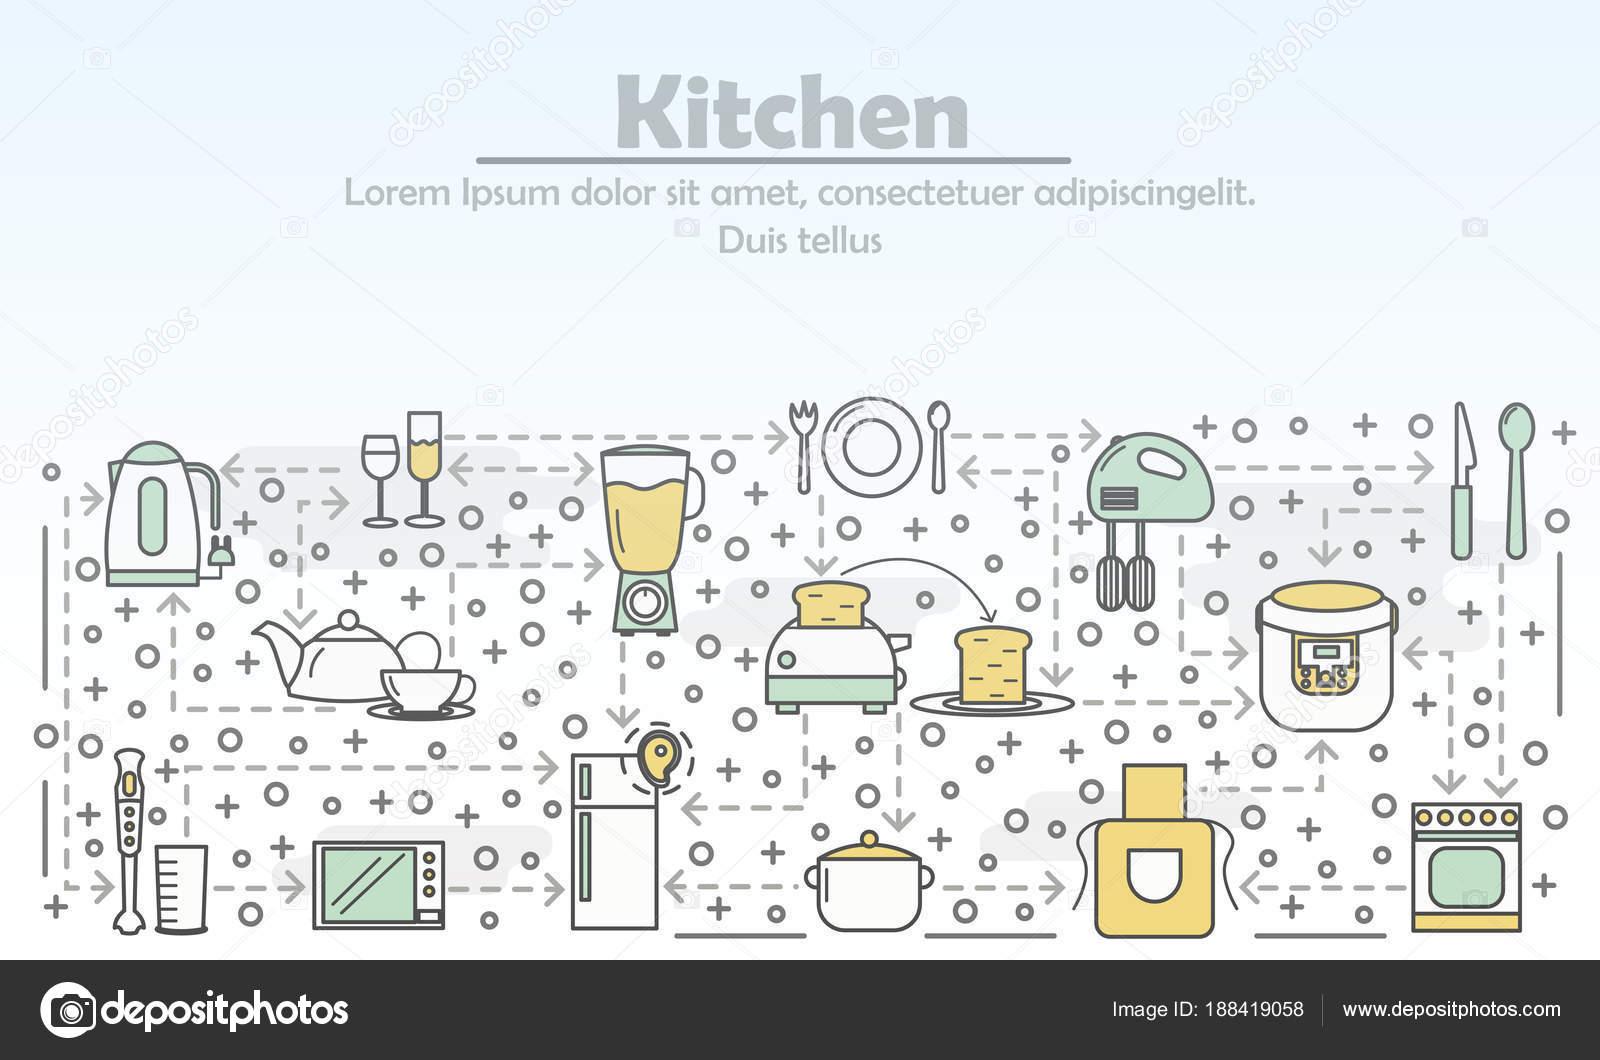 Moderne Kunst Keuken : Keuken reclame vectorillustratie platte lijn kunst u2014 stockvector